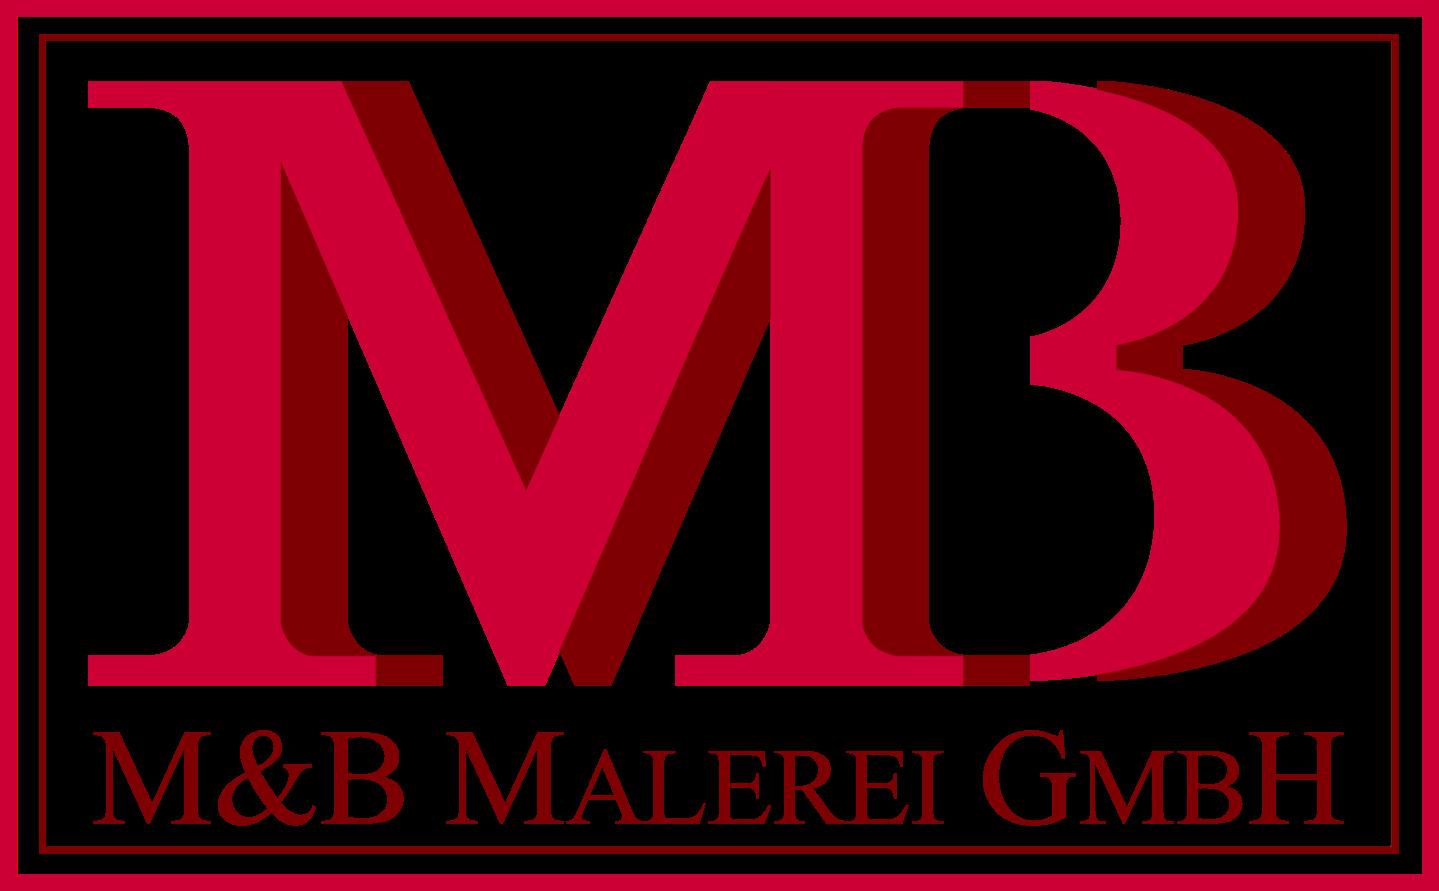 M&B Malerei GmbH